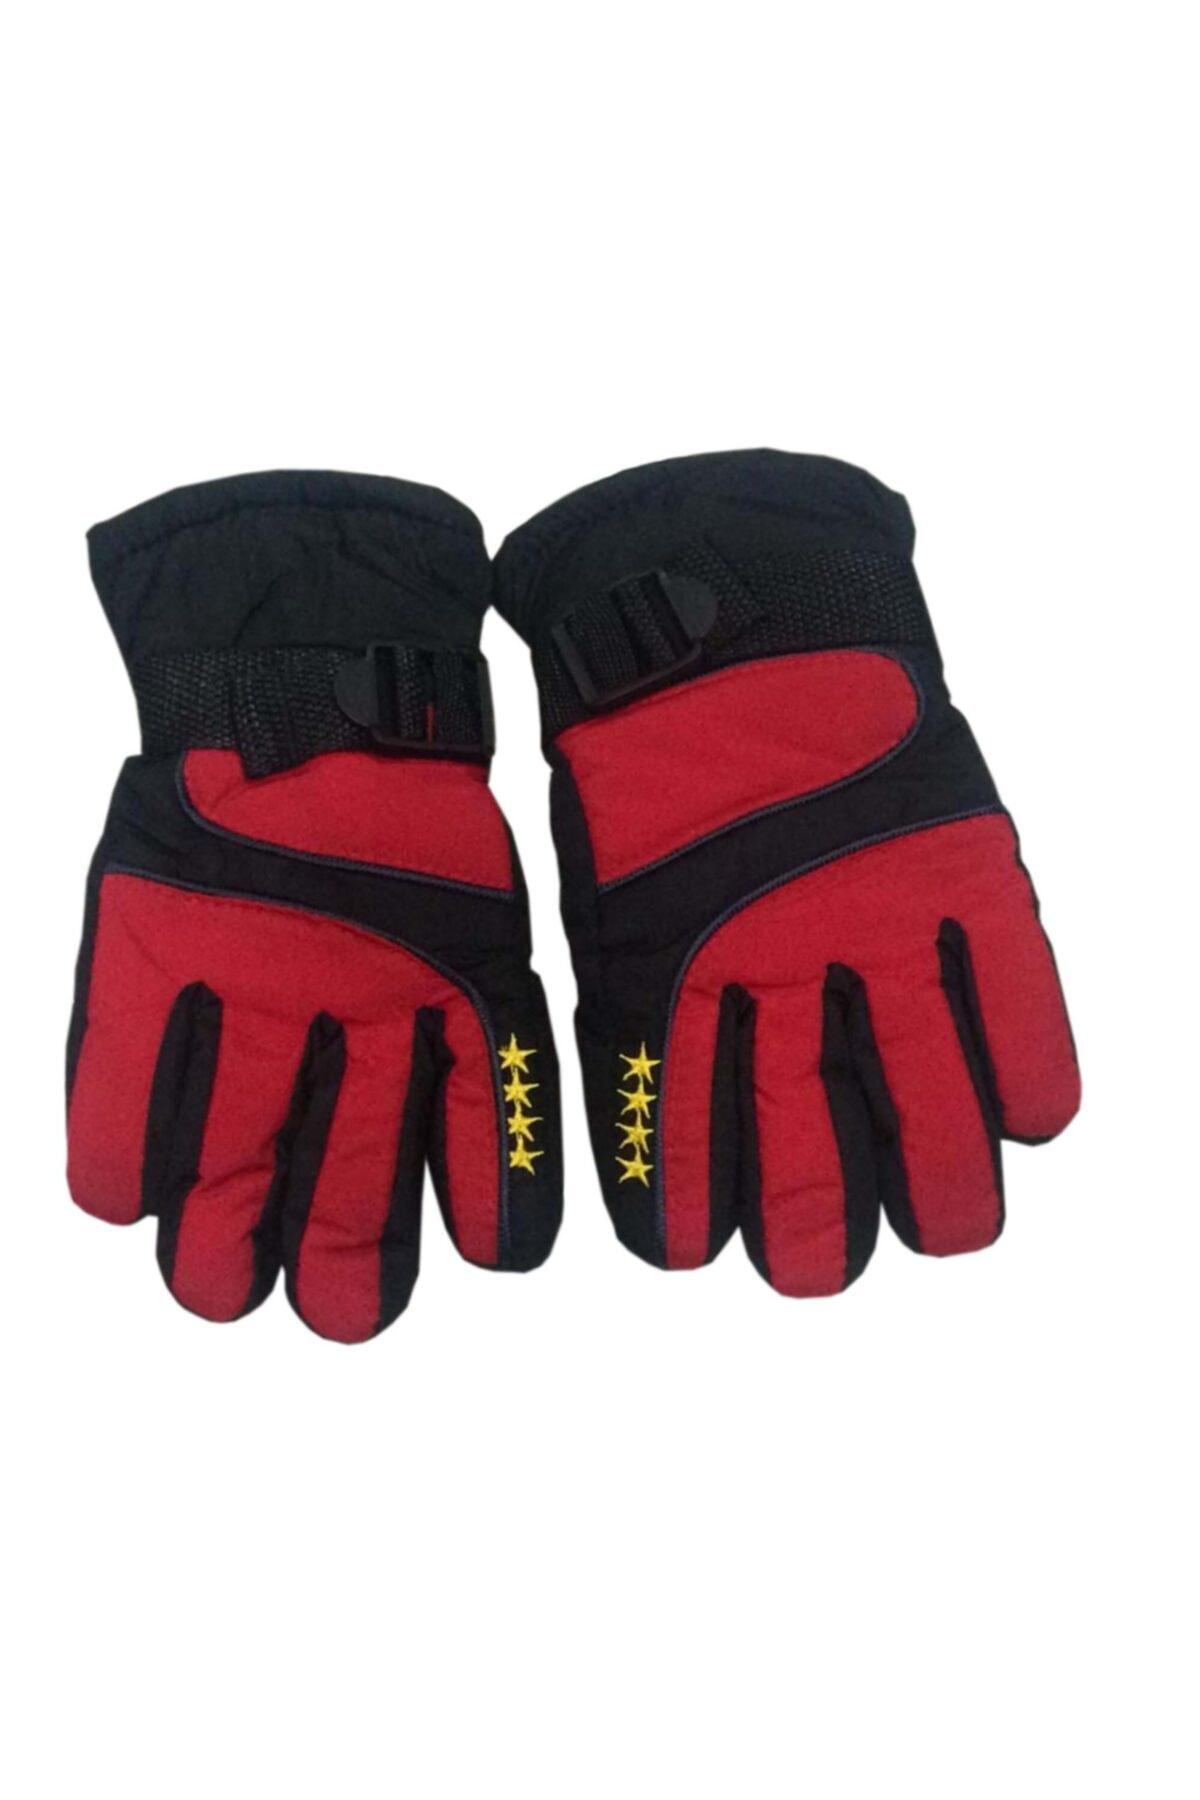 دستکش ارزان بچه گانه پسرانه برند salarticaret رنگ قرمز ty58728048